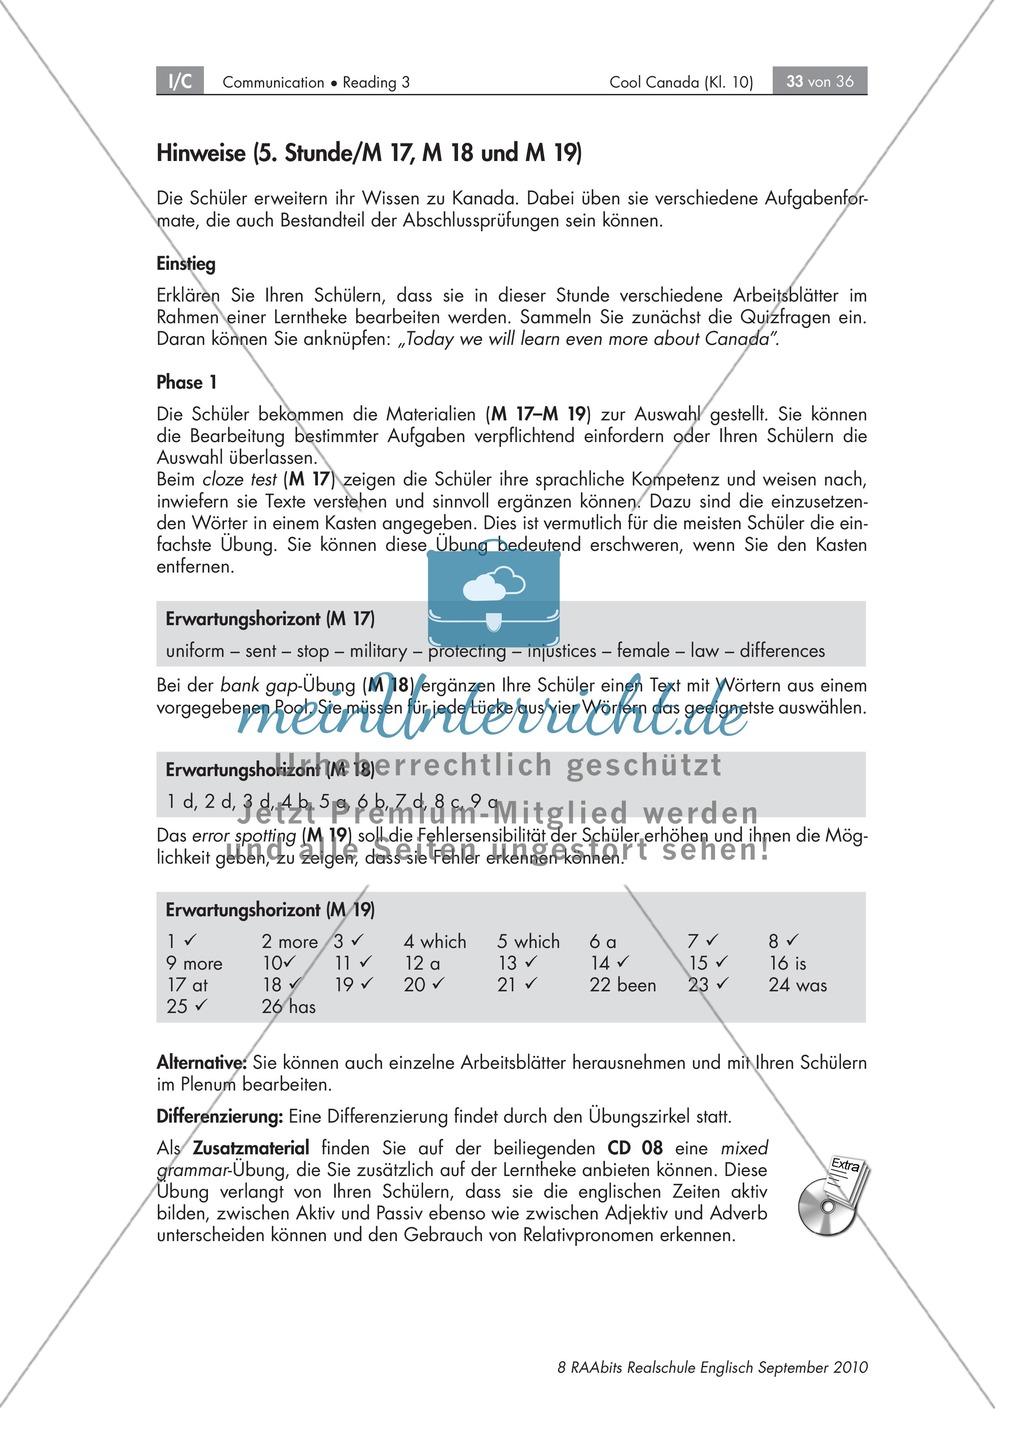 Textarbeit an Sachtexten über Kanada: Übungen zum Textverständnis + ...